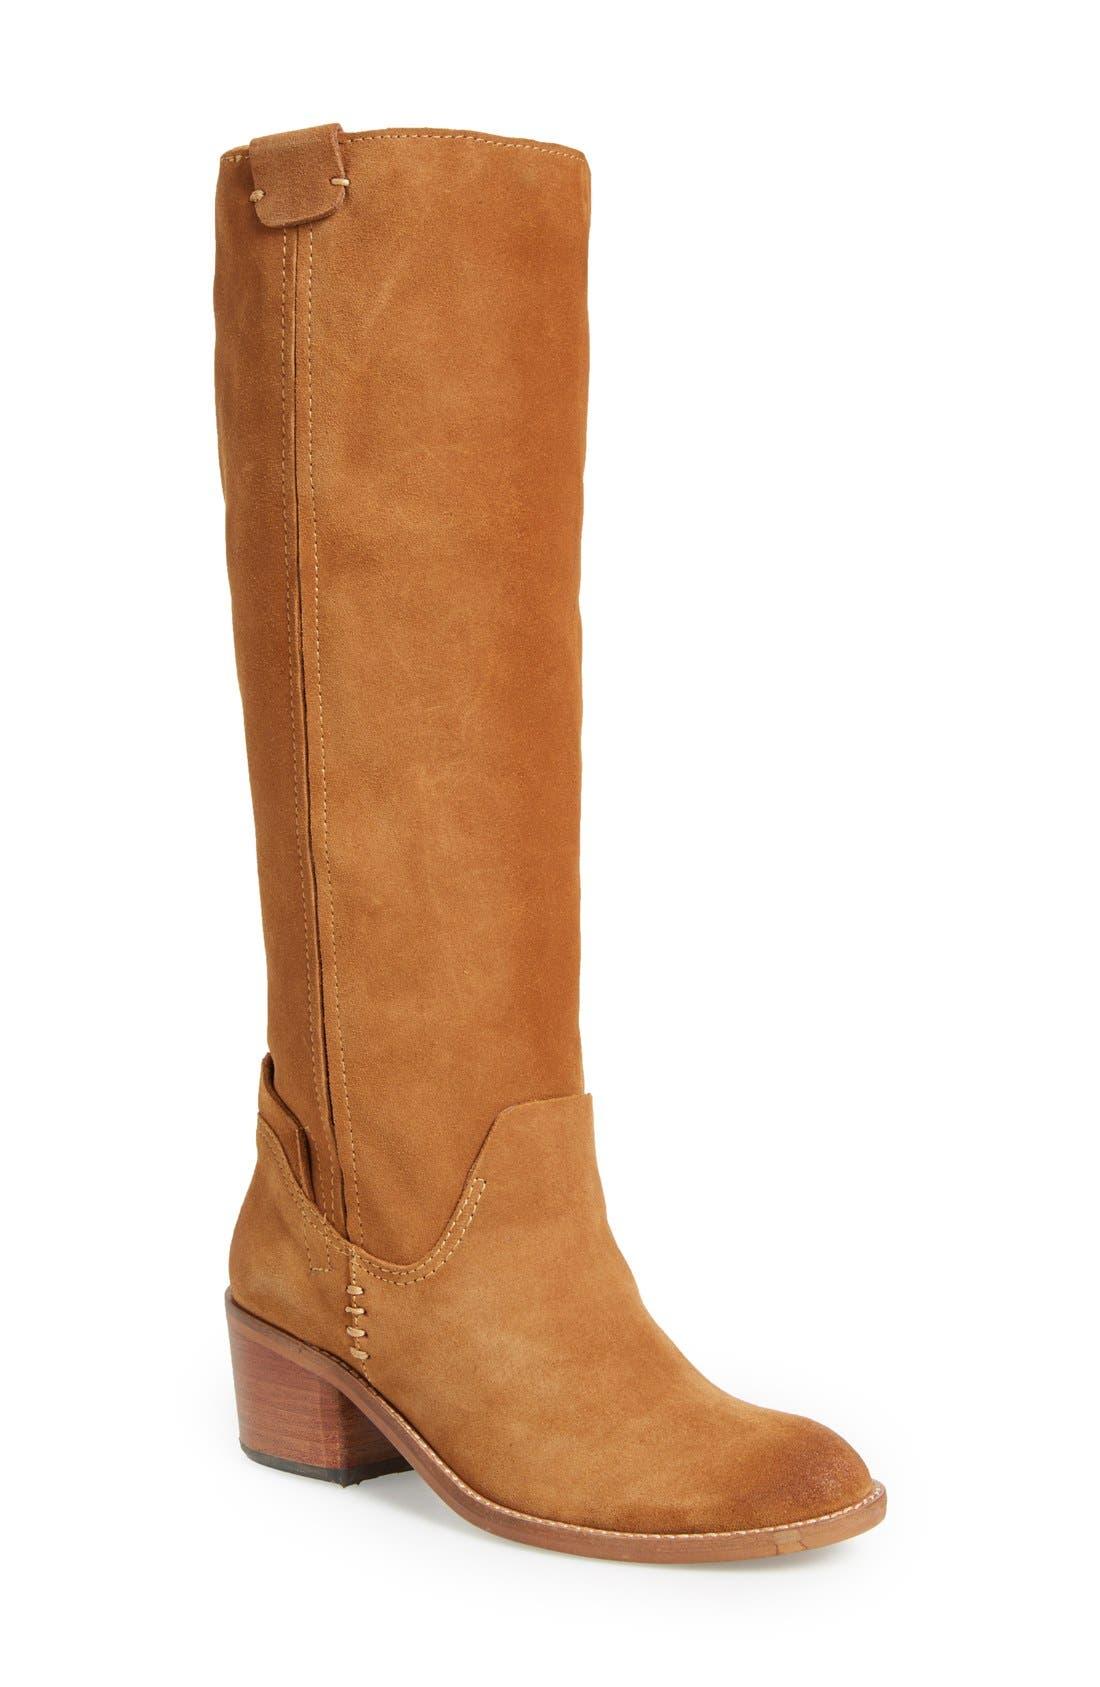 Alternate Image 1 Selected - DolceVita 'Garnett' Boot (Women)